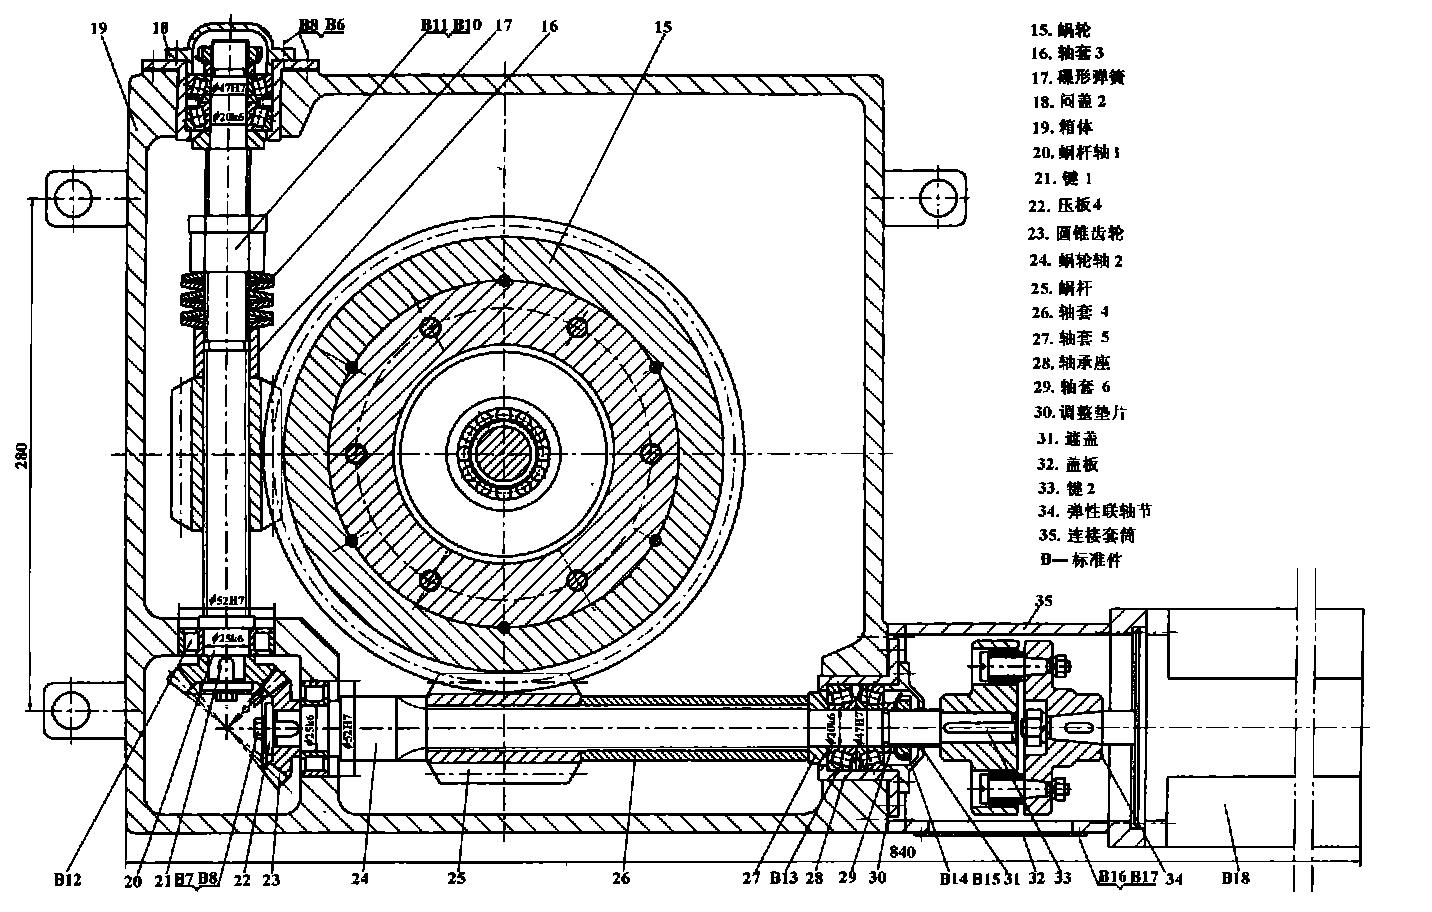 夹具式数控回转工作台的设计图片